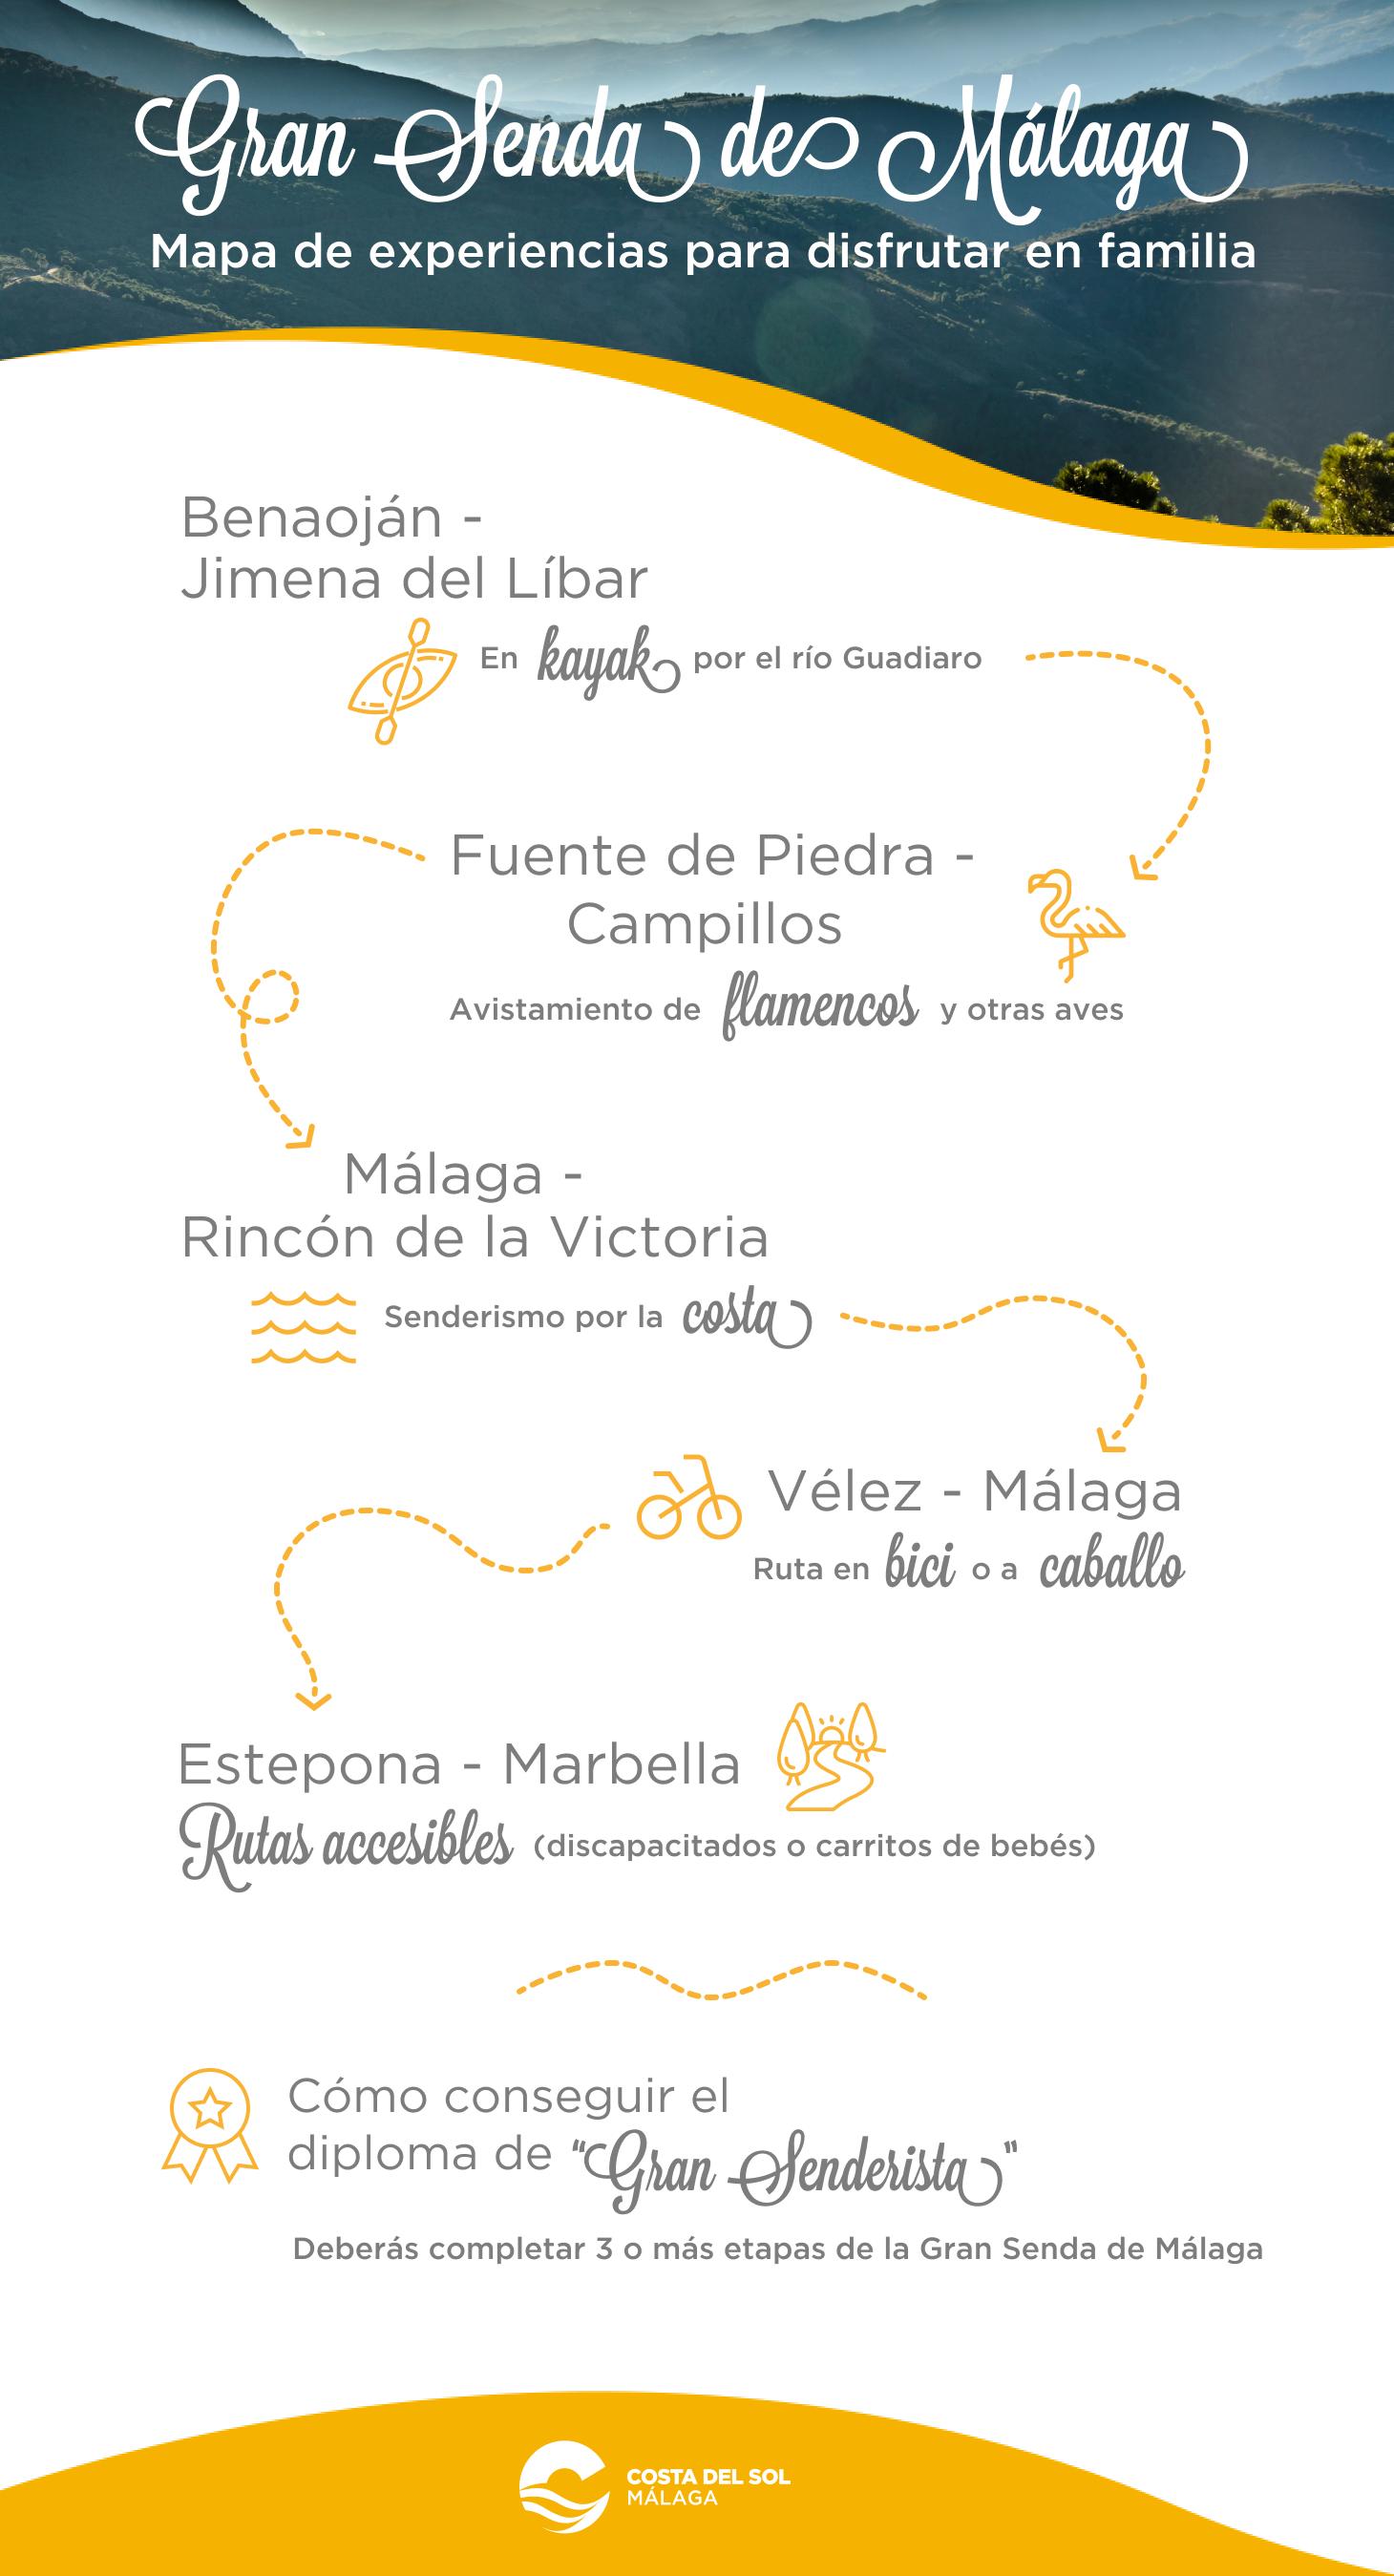 La gran senda de Málaga en familia